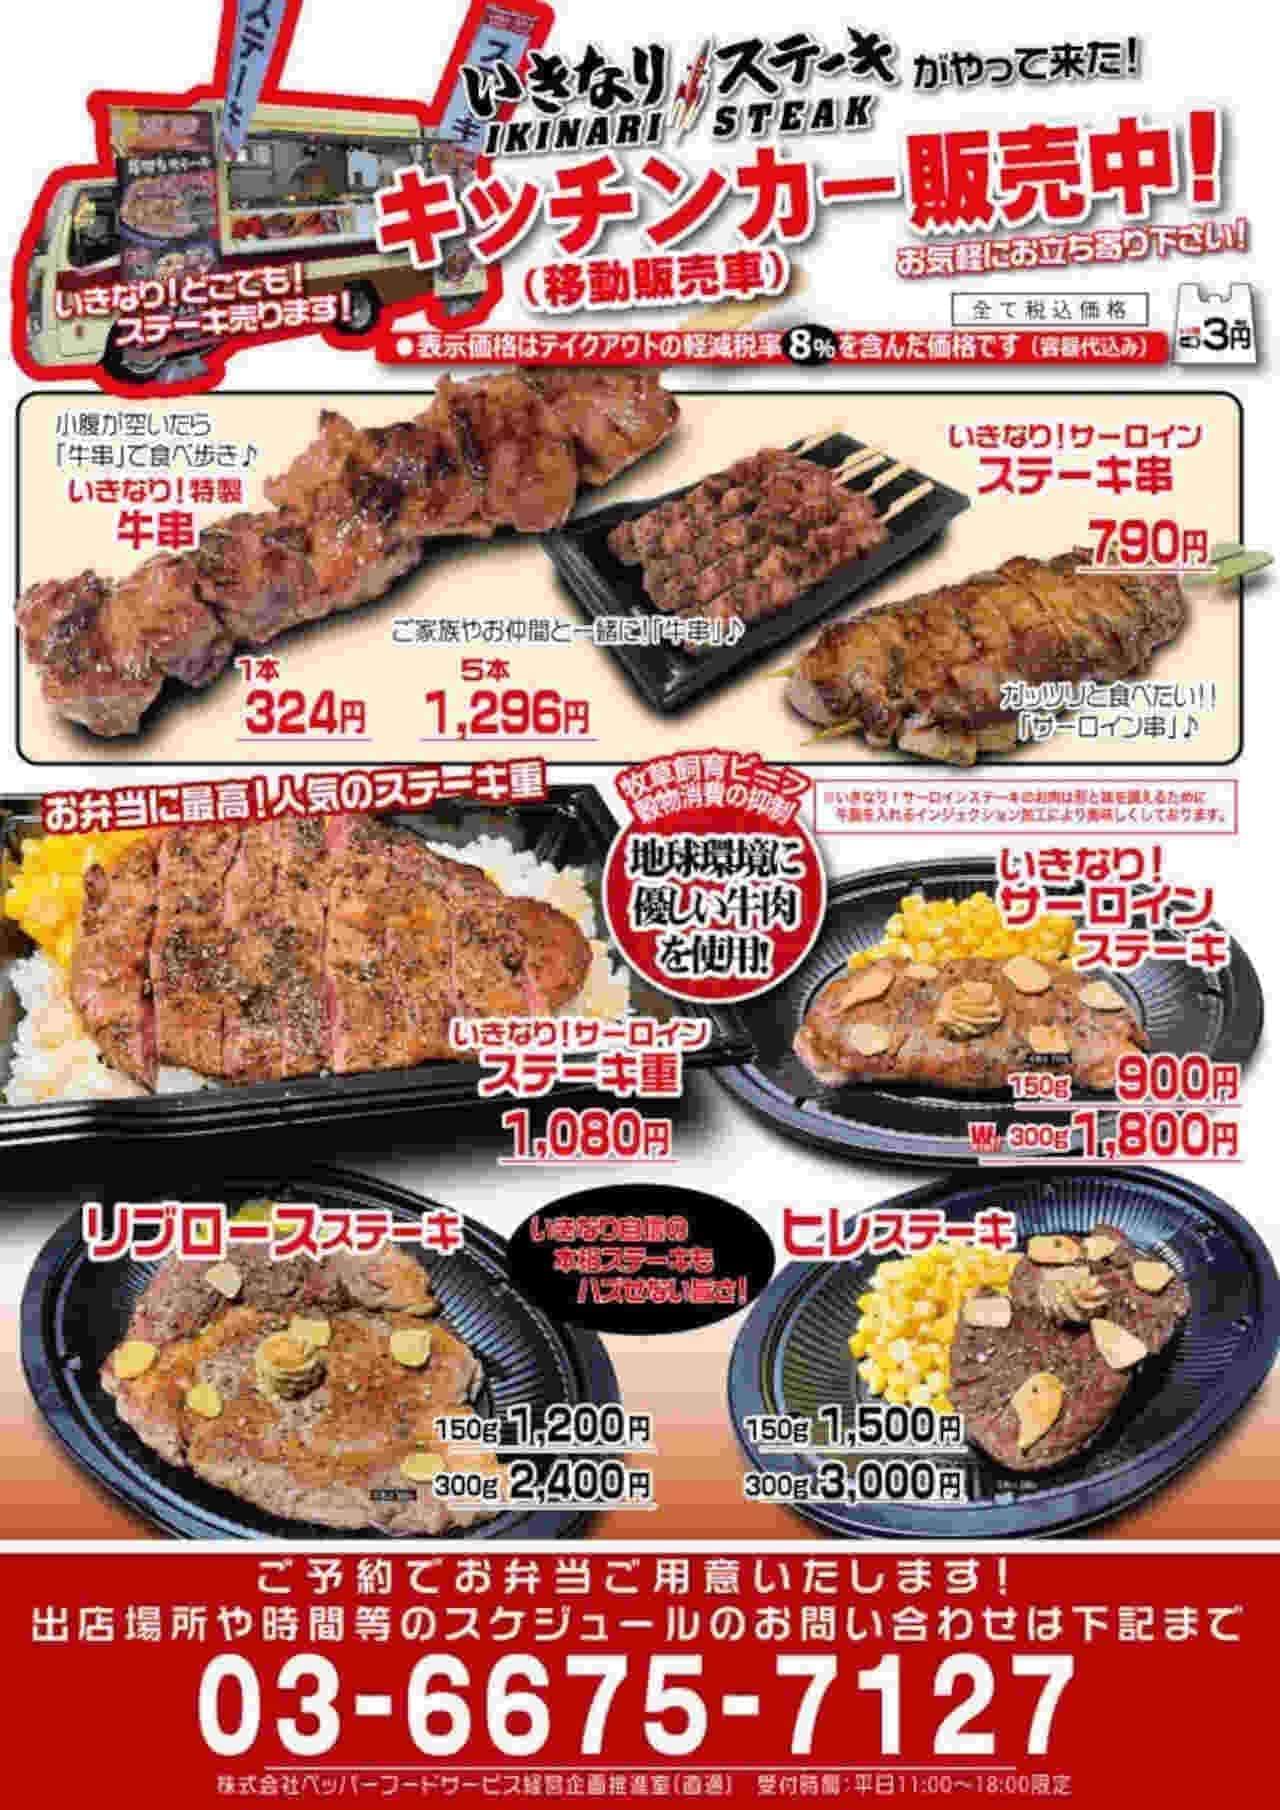 いきなり!ステーキキッチンカー